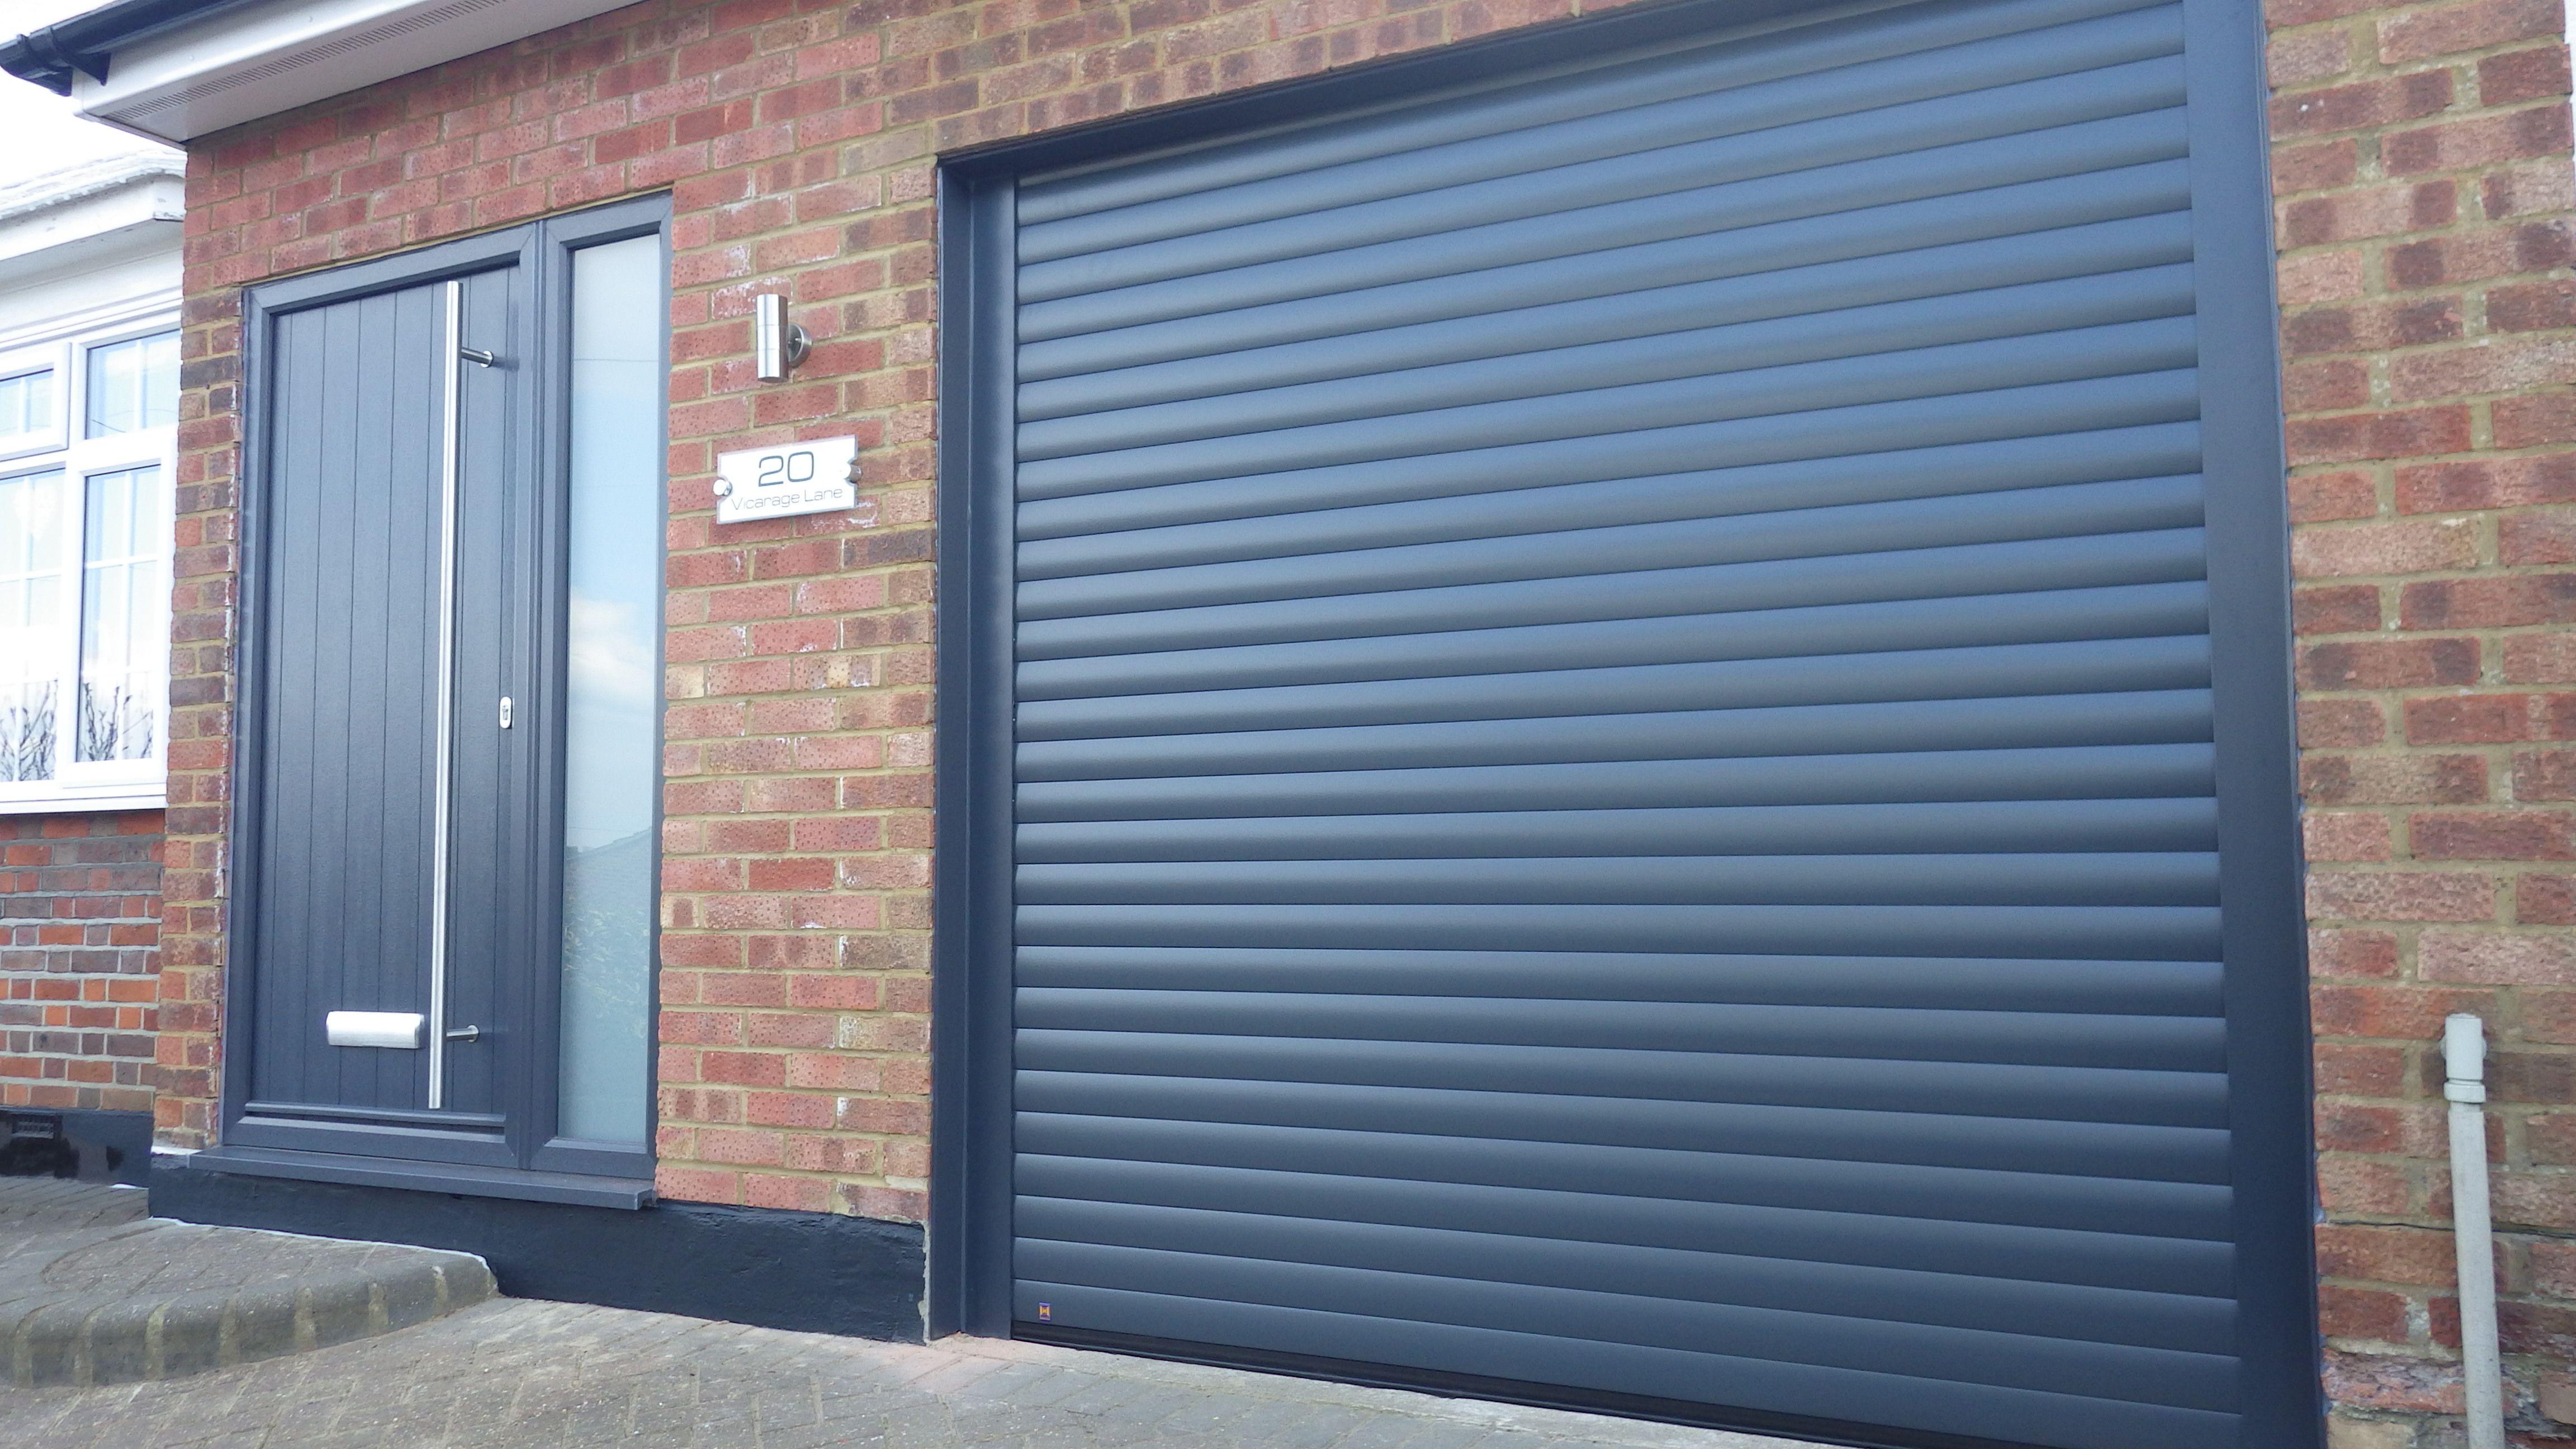 Hormann Rollmatic Garage Door In Anthracite Grey Swr Redefining Homes Garage Door Styles Exterior House Remodel House Front Door